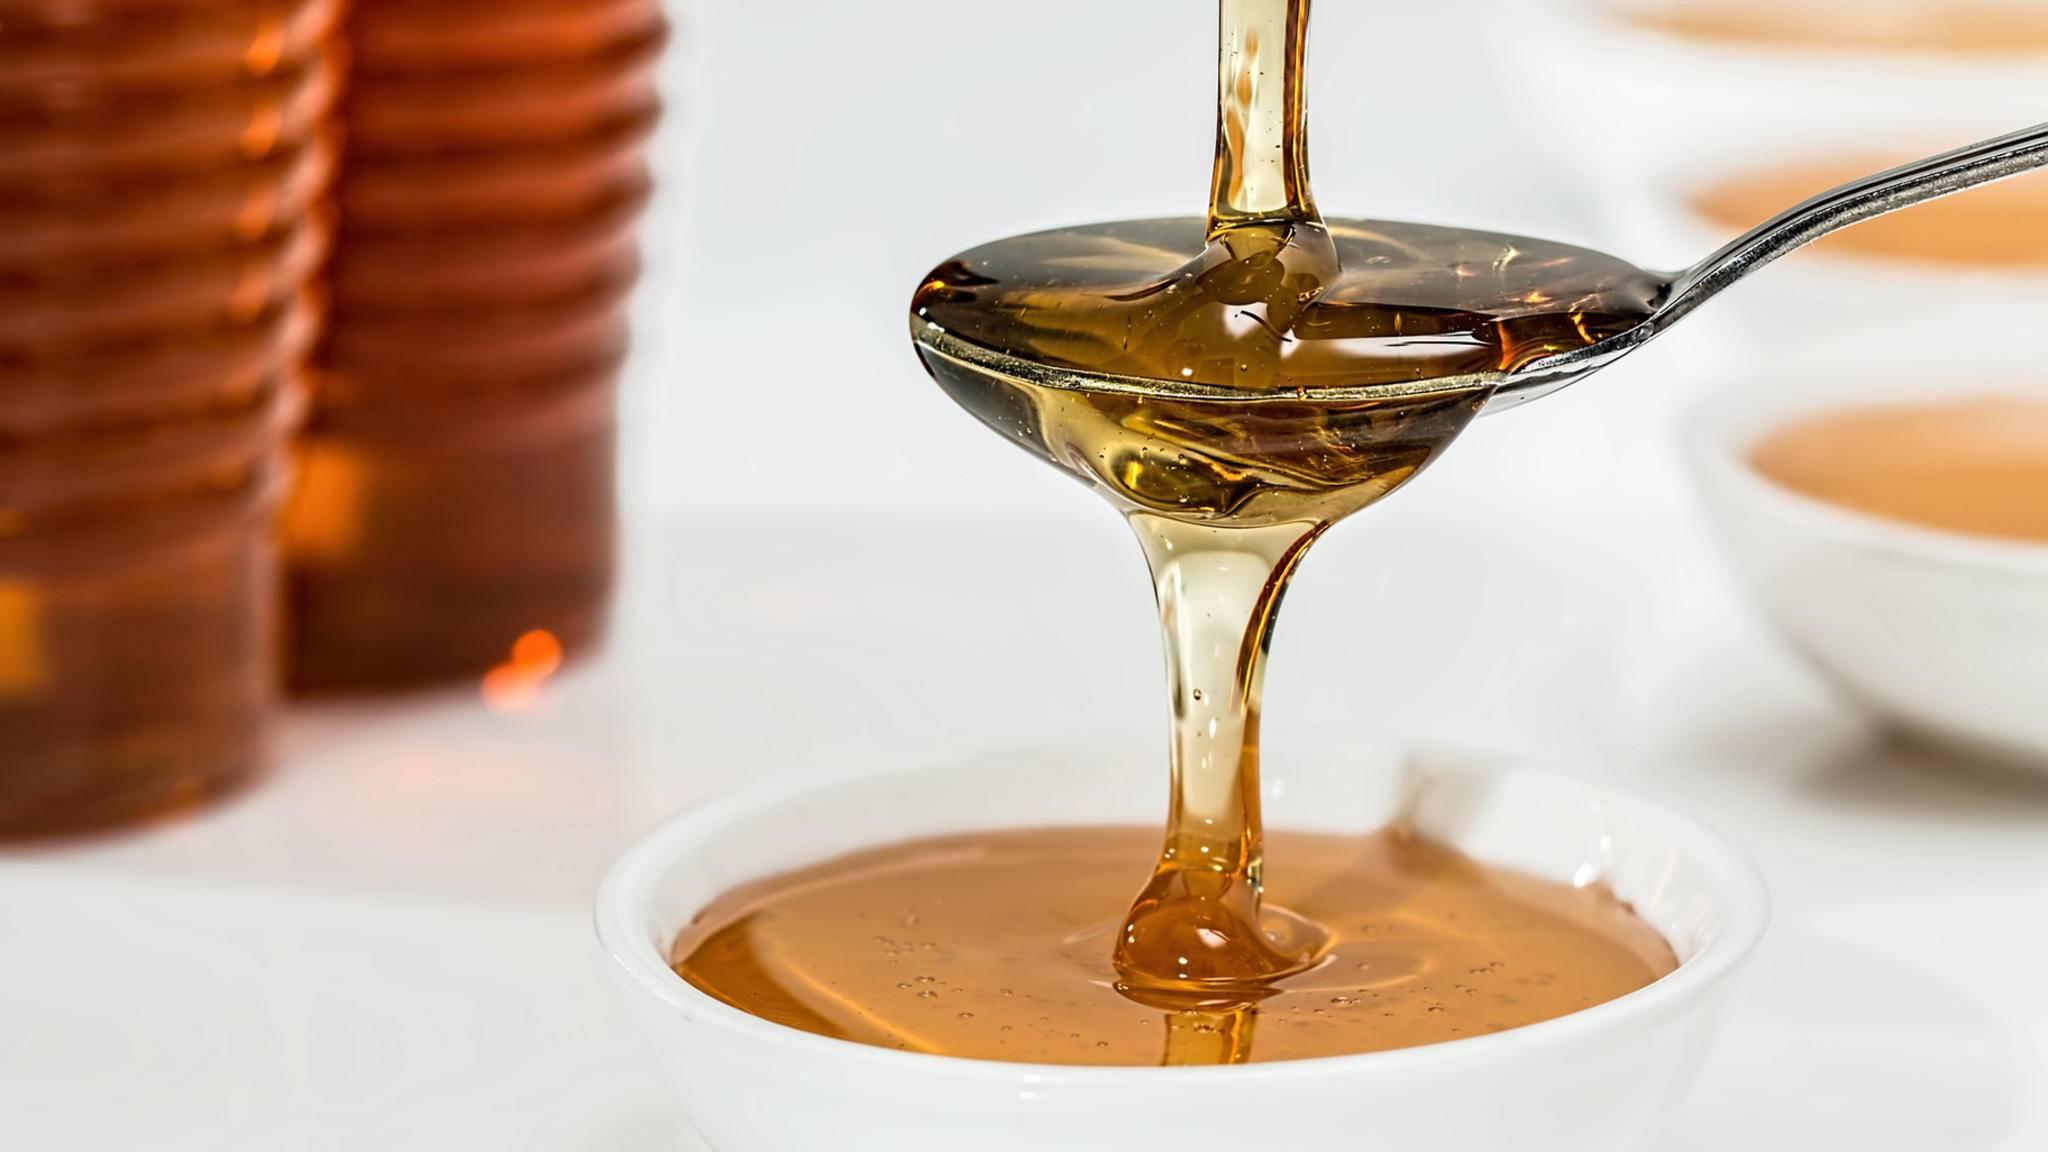 Goldgelb und praktisch unverderblich: Honig hält sich ewig.